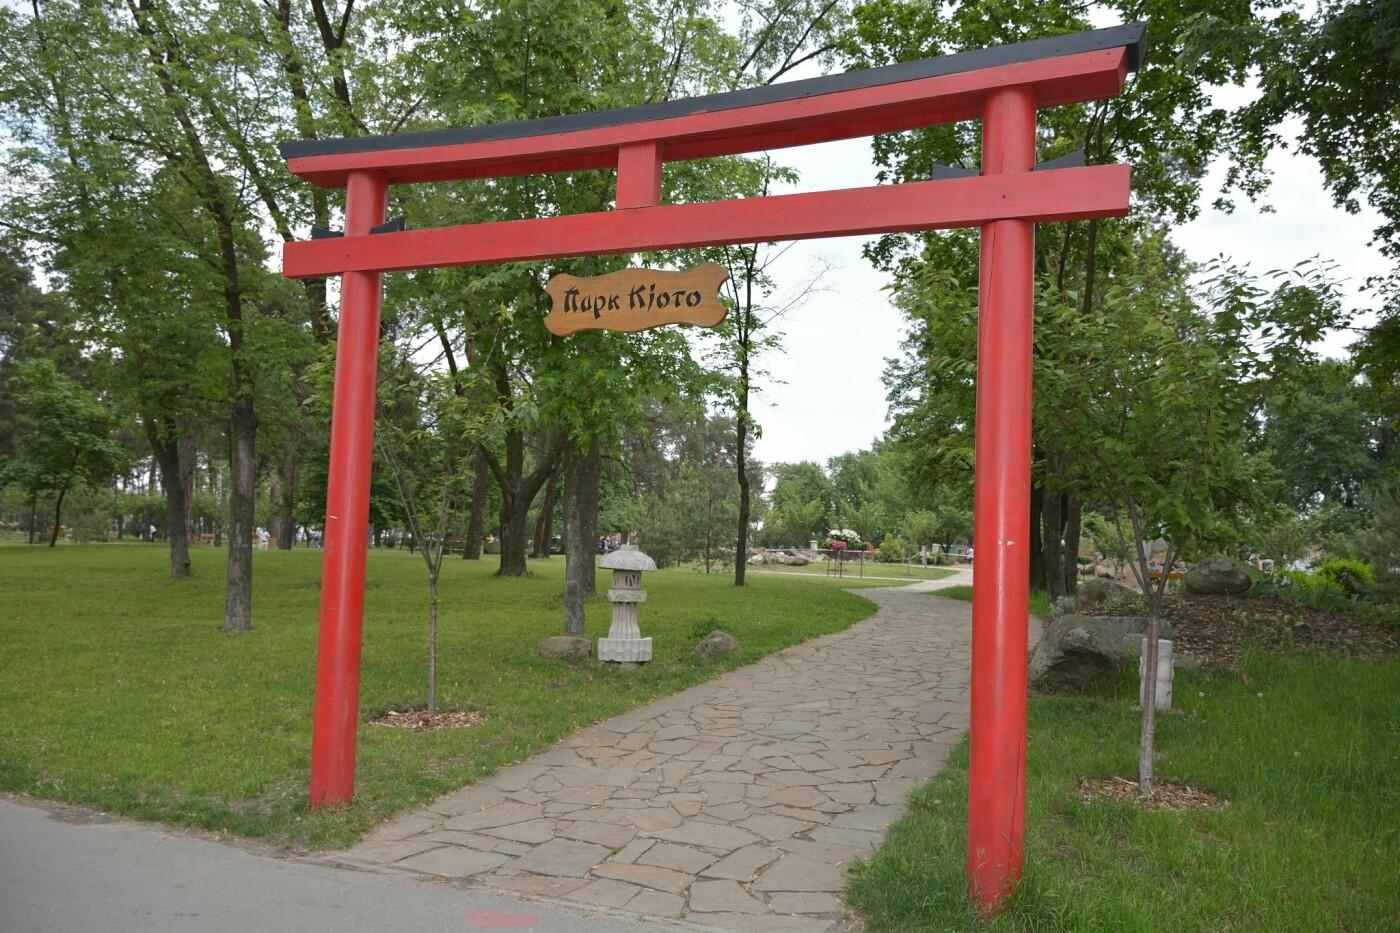 Цветущие сады японских сакур: парк «Киото» в Киеве и его уникальность, - ФОТО, Фото: Андрей Баранов